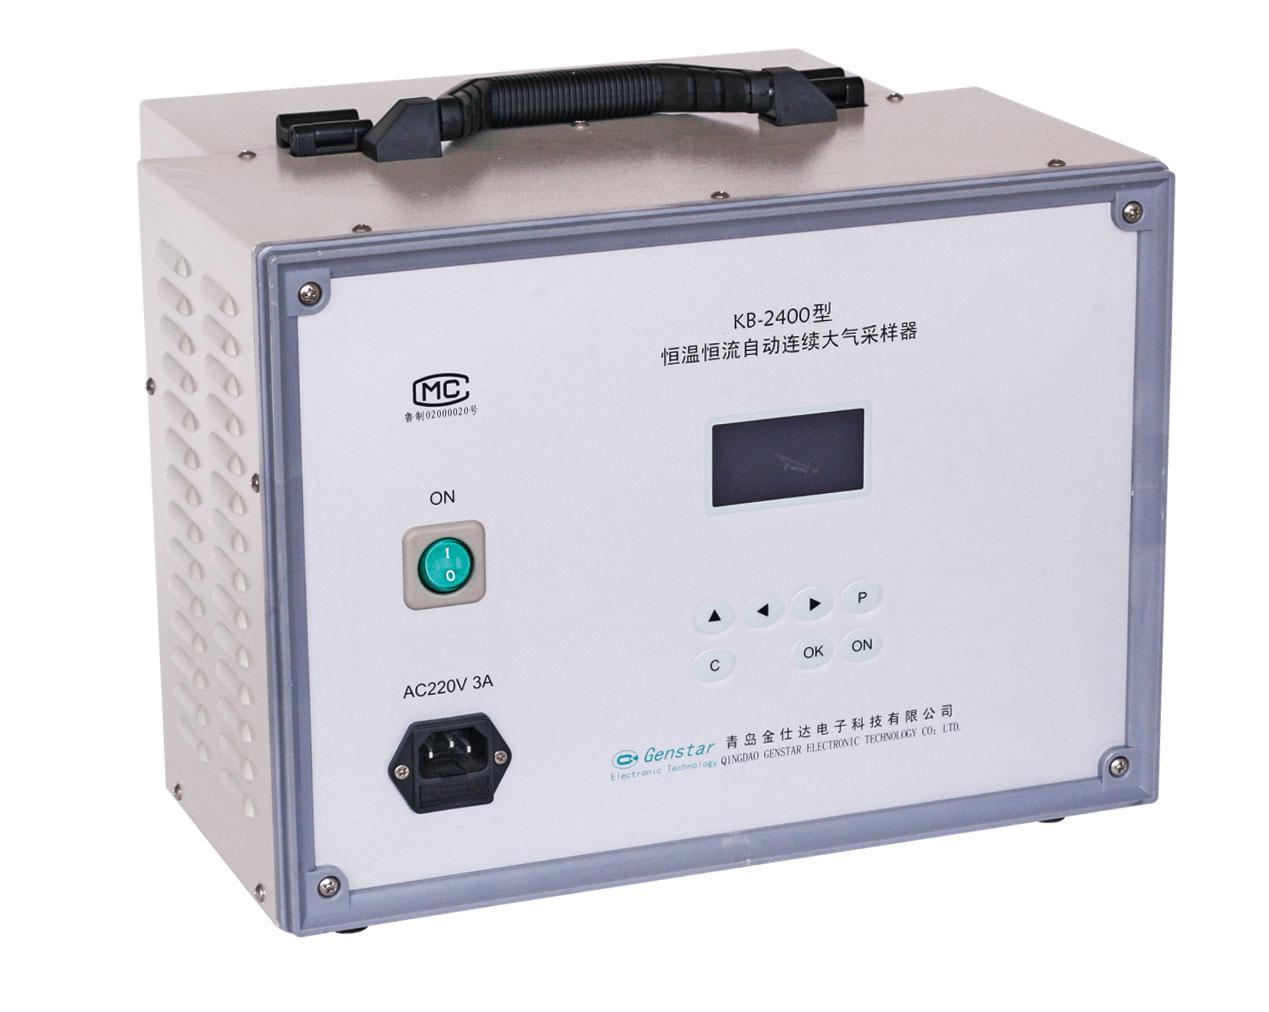 KB-2400(D)型恒溫恒流自動連續大氣采樣器